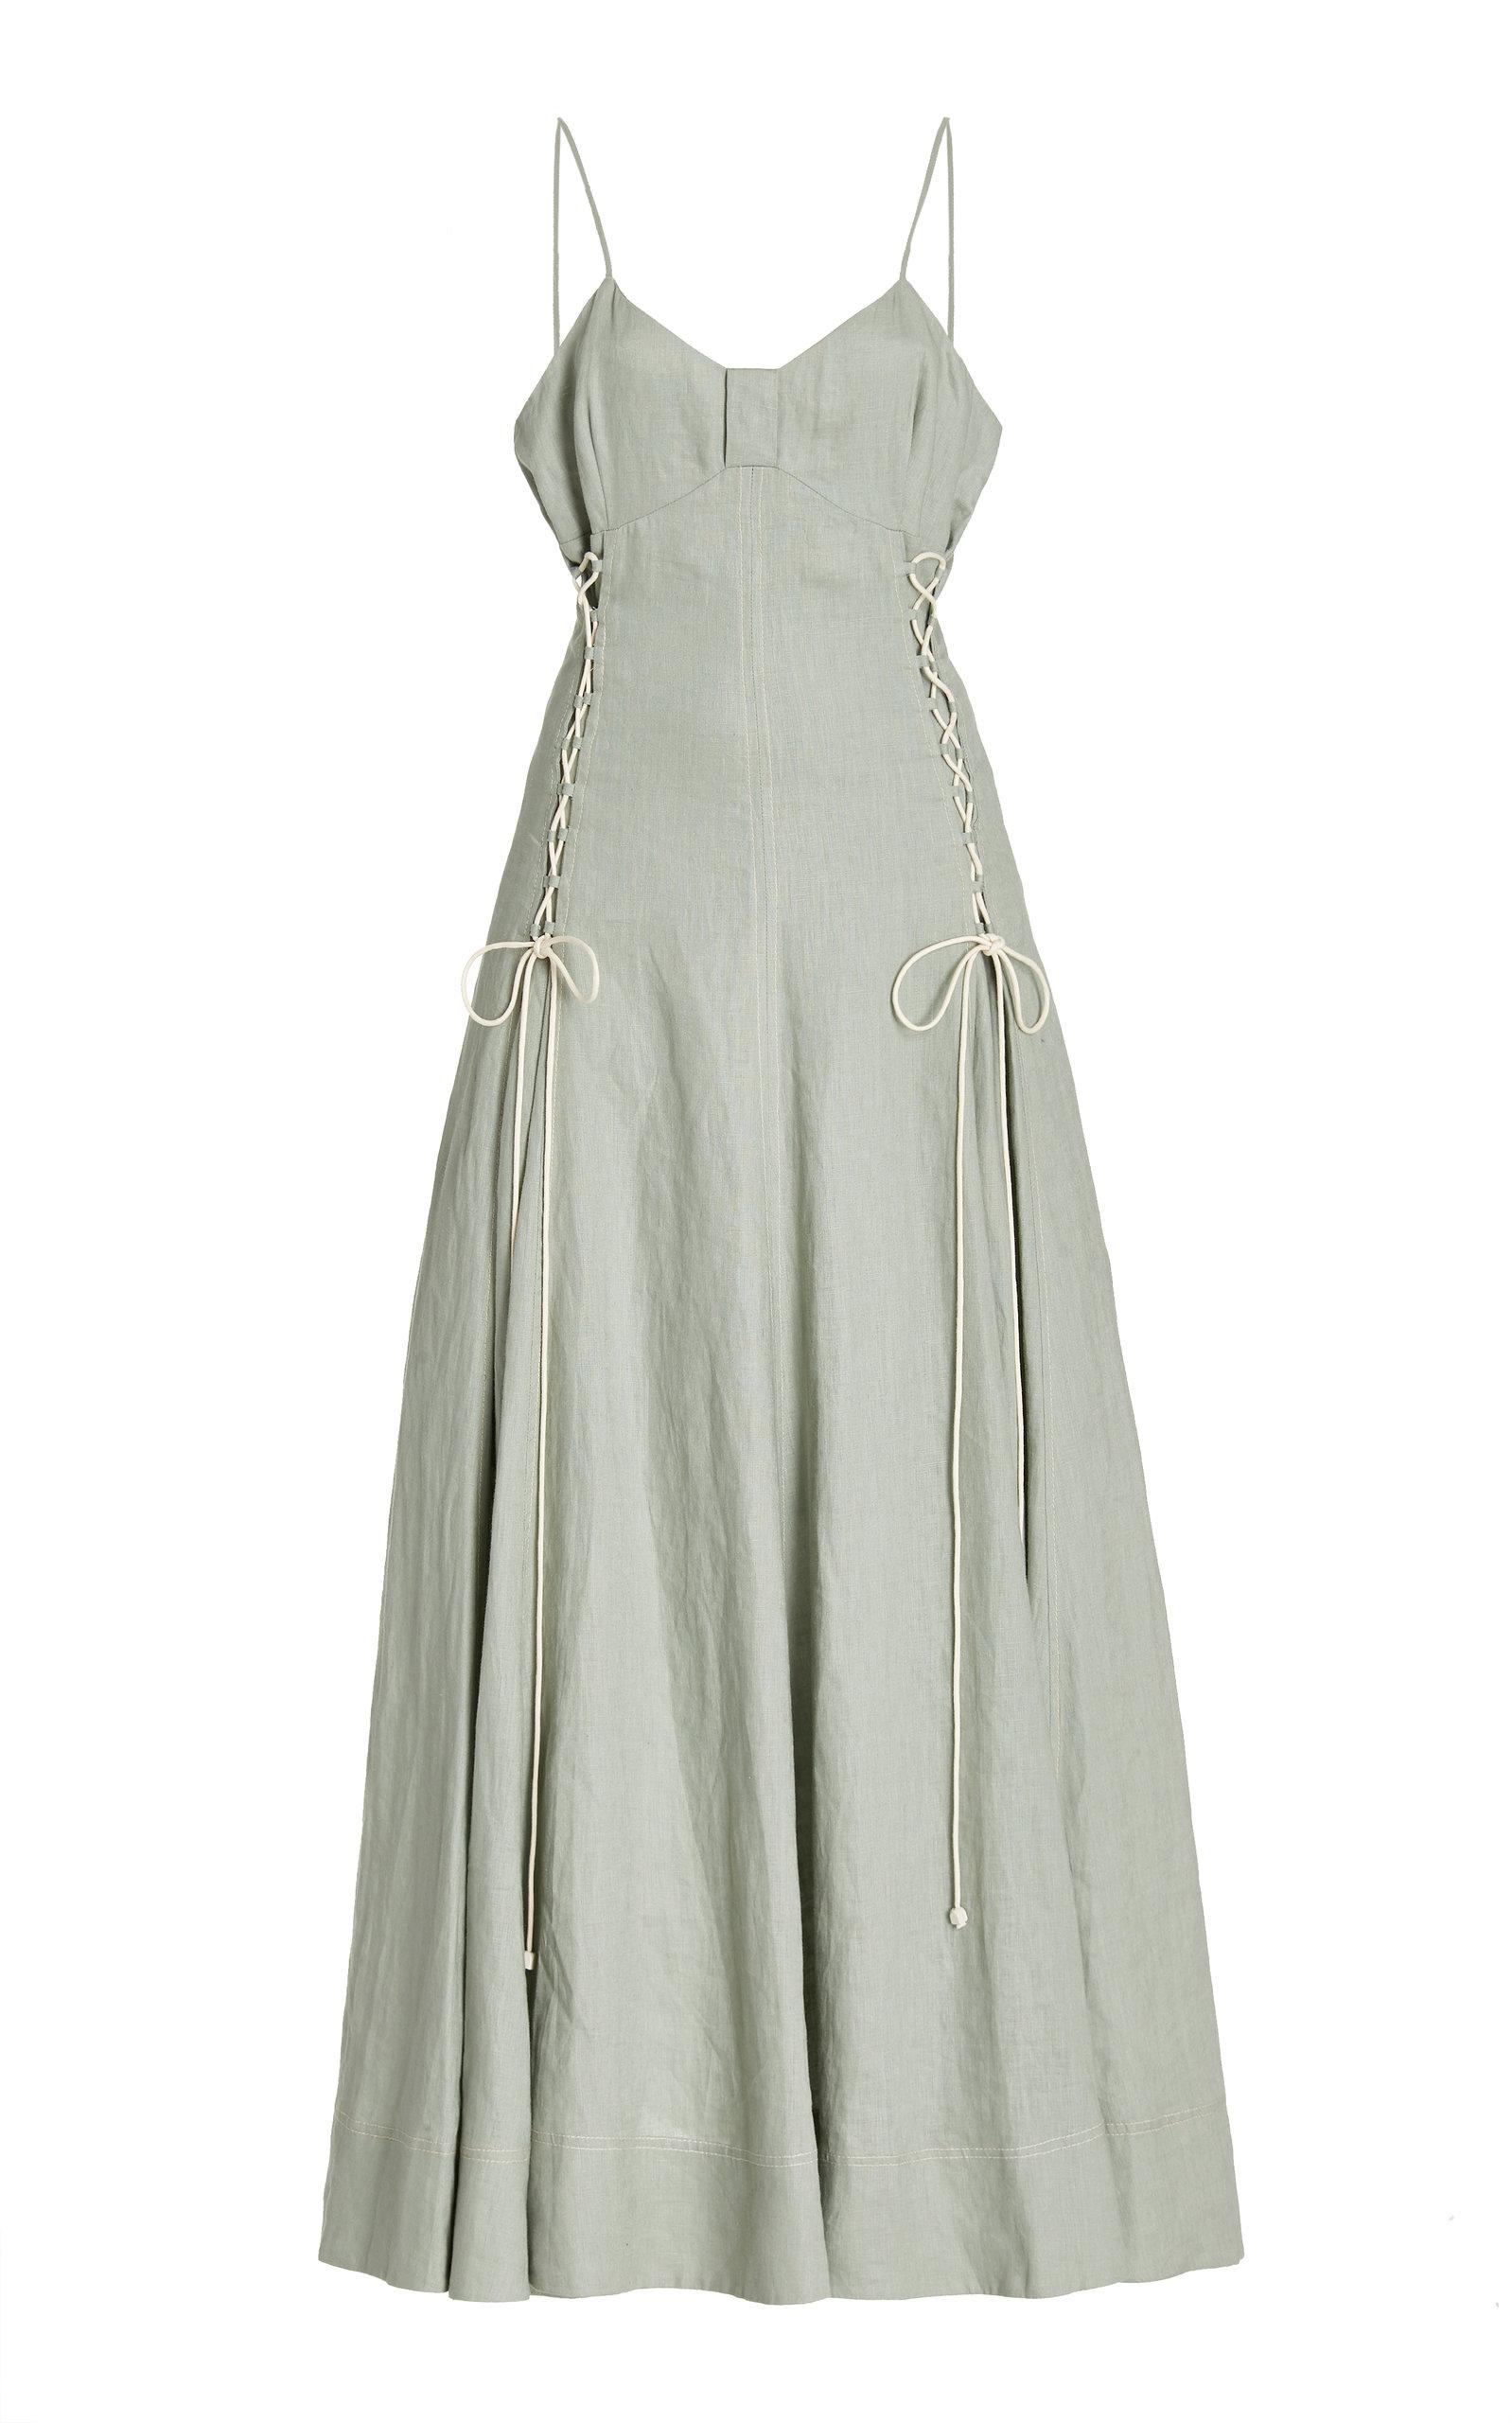 ALÉMAIS - Women's Ivy Lace-Up Linen Maxi Dress - Green - Moda Operandi